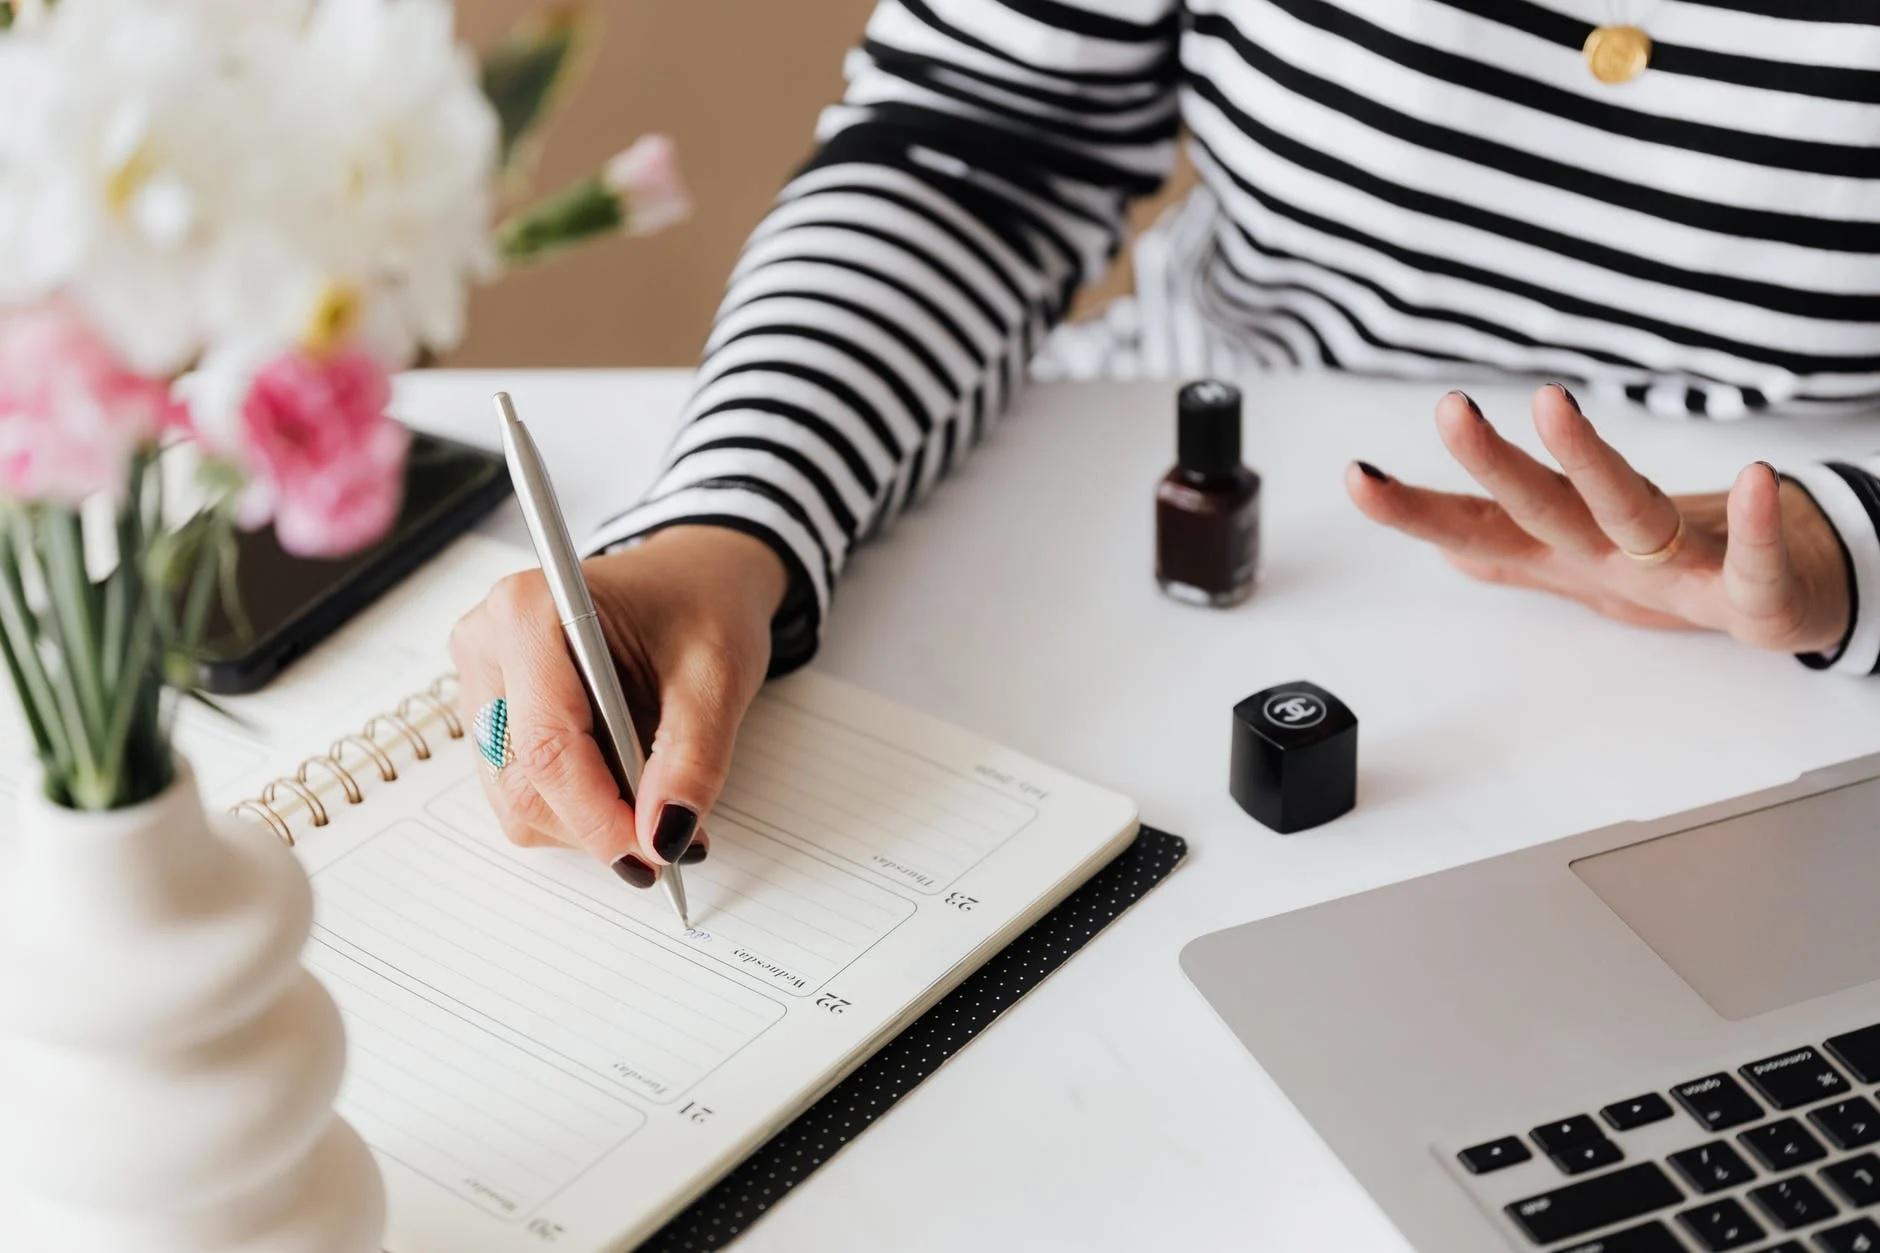 Karyawan Milenial Butuh Agenda untuk Journaling dan Catat Hal Penting Ini